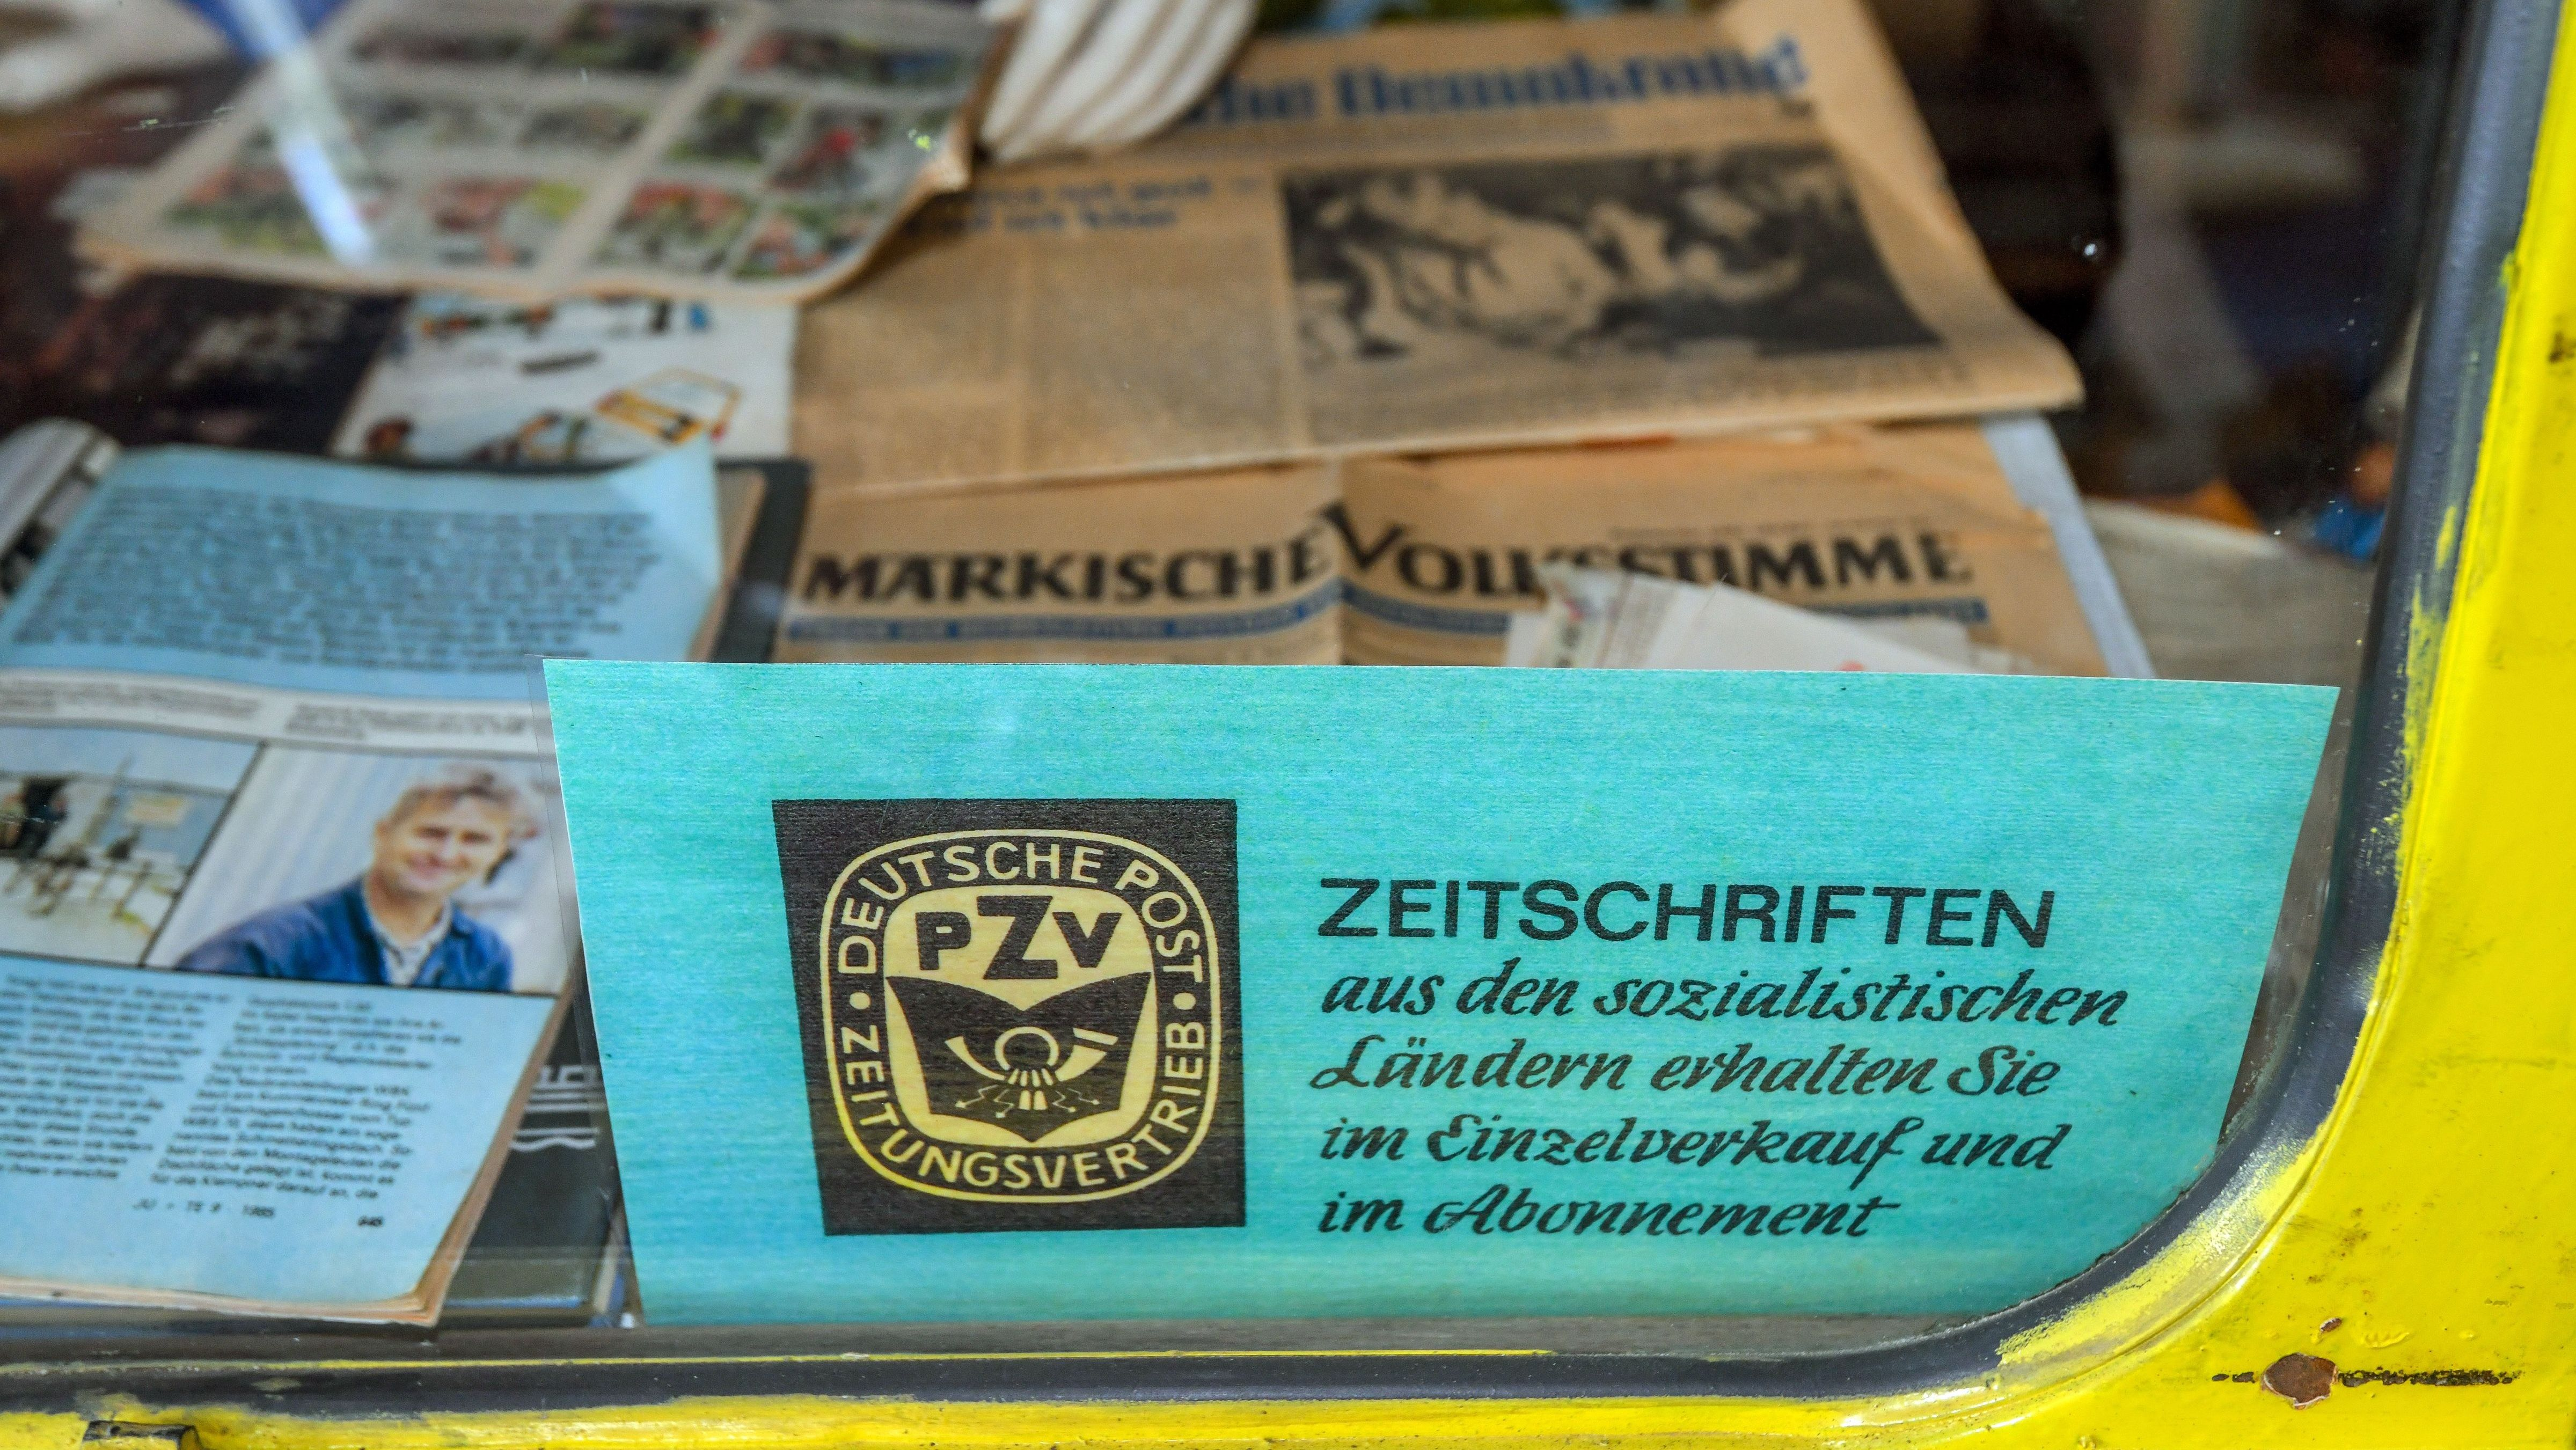 Zeitschriften in der ehemaligen DDR